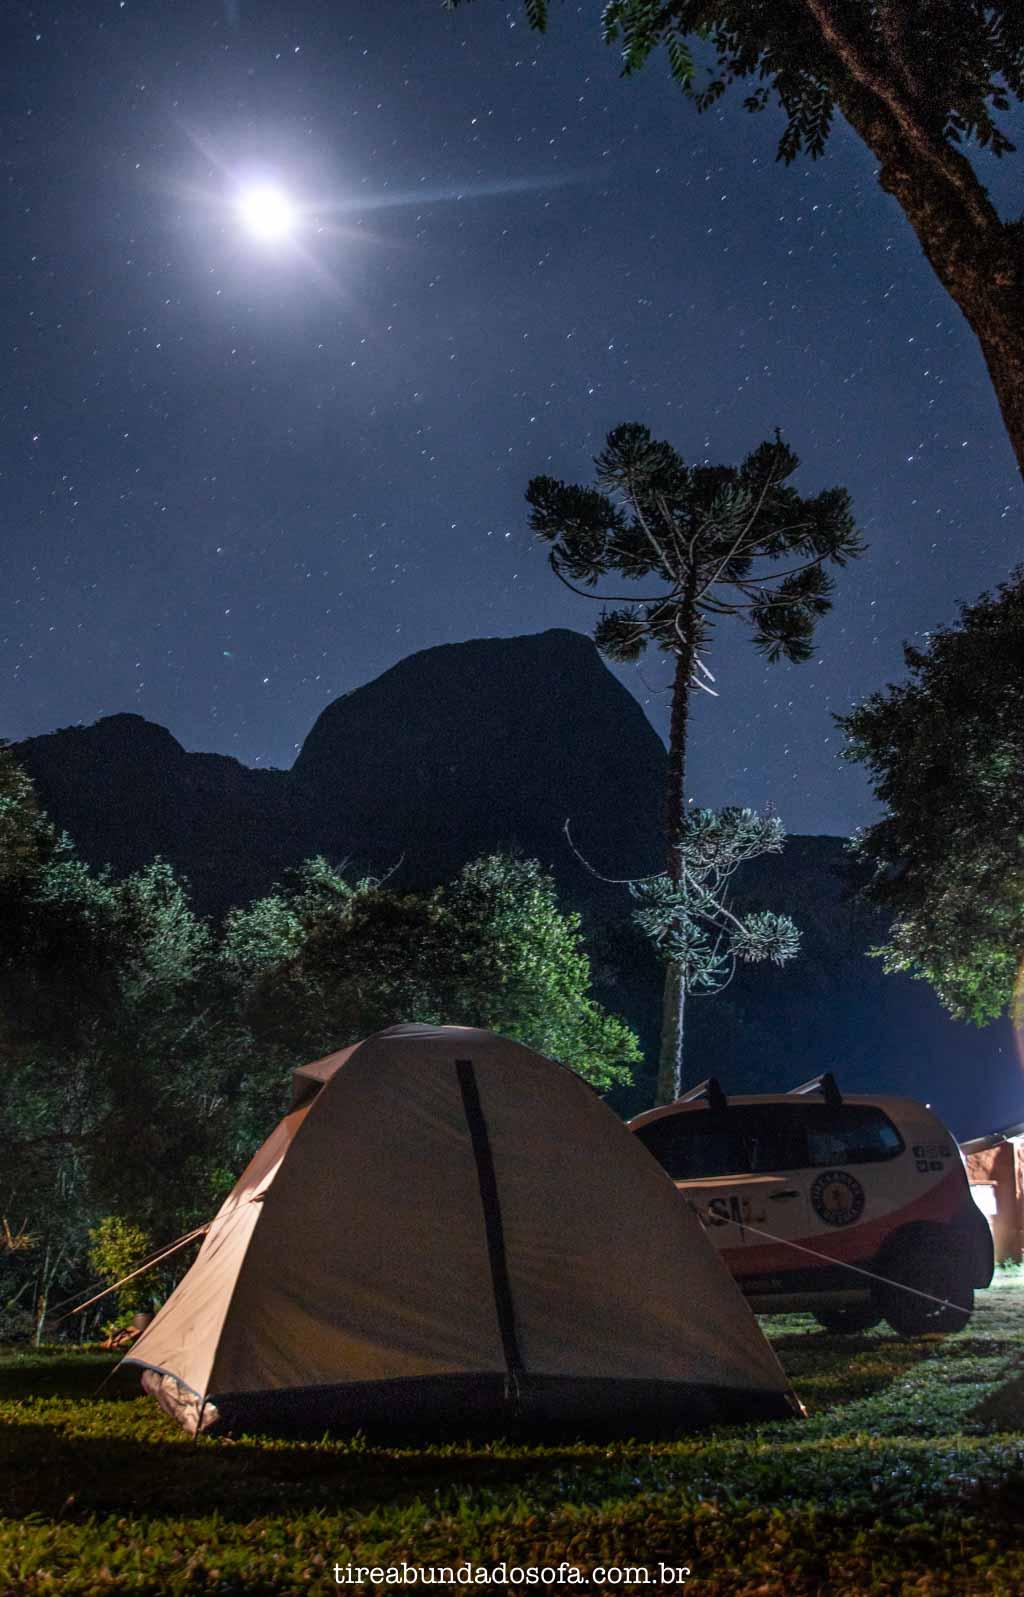 Acampando com o Pico do Papagaio ao fundo, em Aiuruoca, Minas Gerais